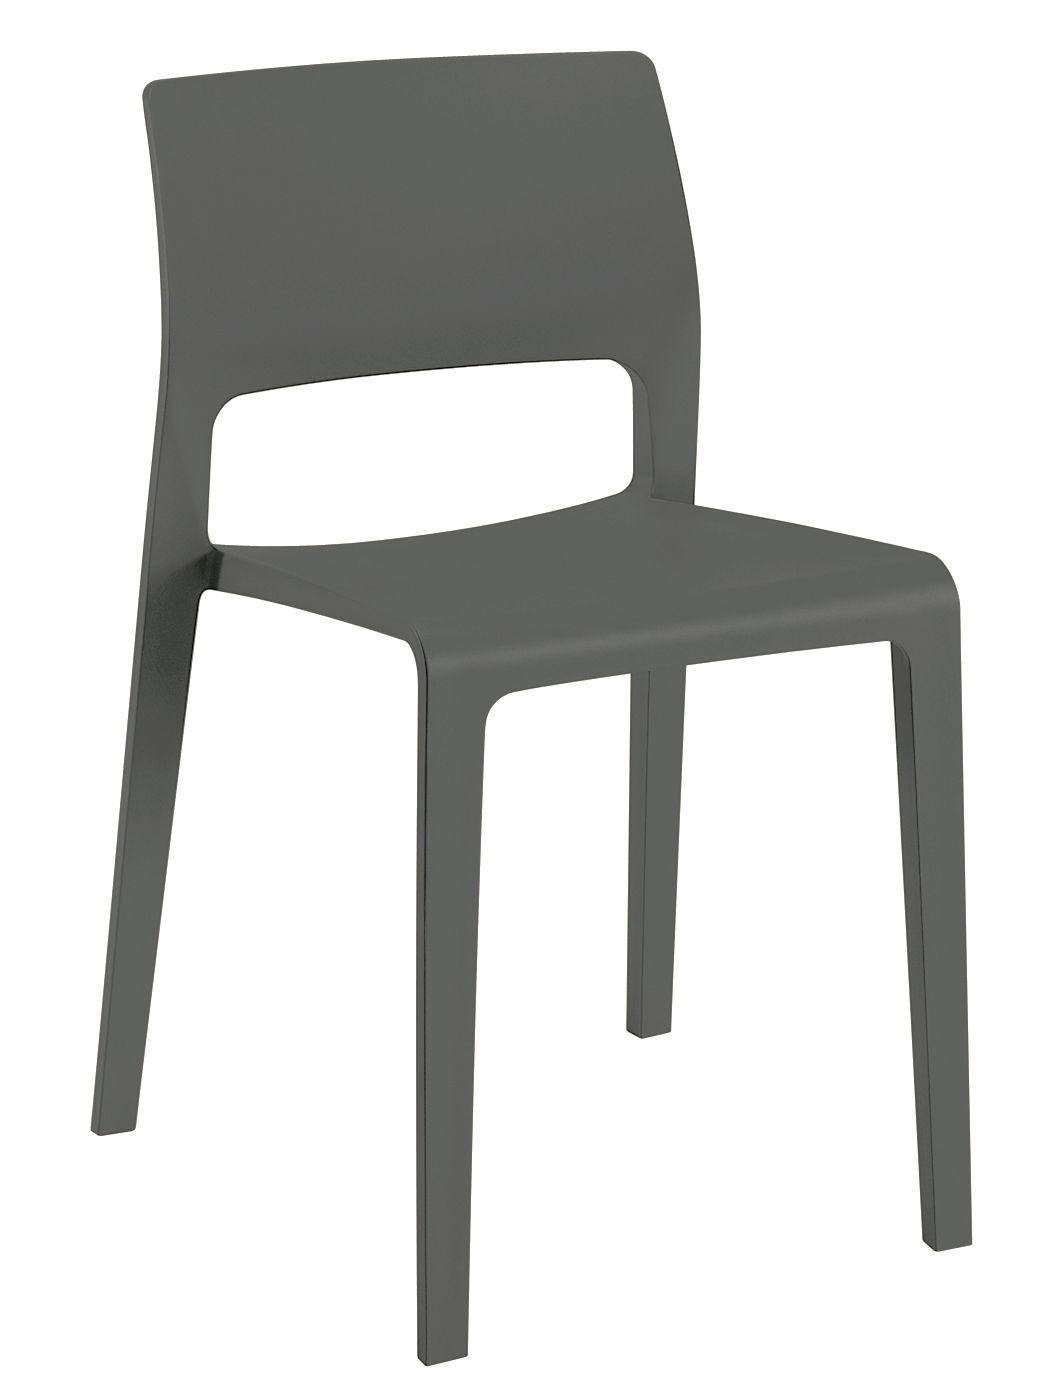 Mobilier - Chaises, fauteuils de salle à manger - Chaise empilable Juno / Polyproplylène - Arper - Anthracite - Polypropylène